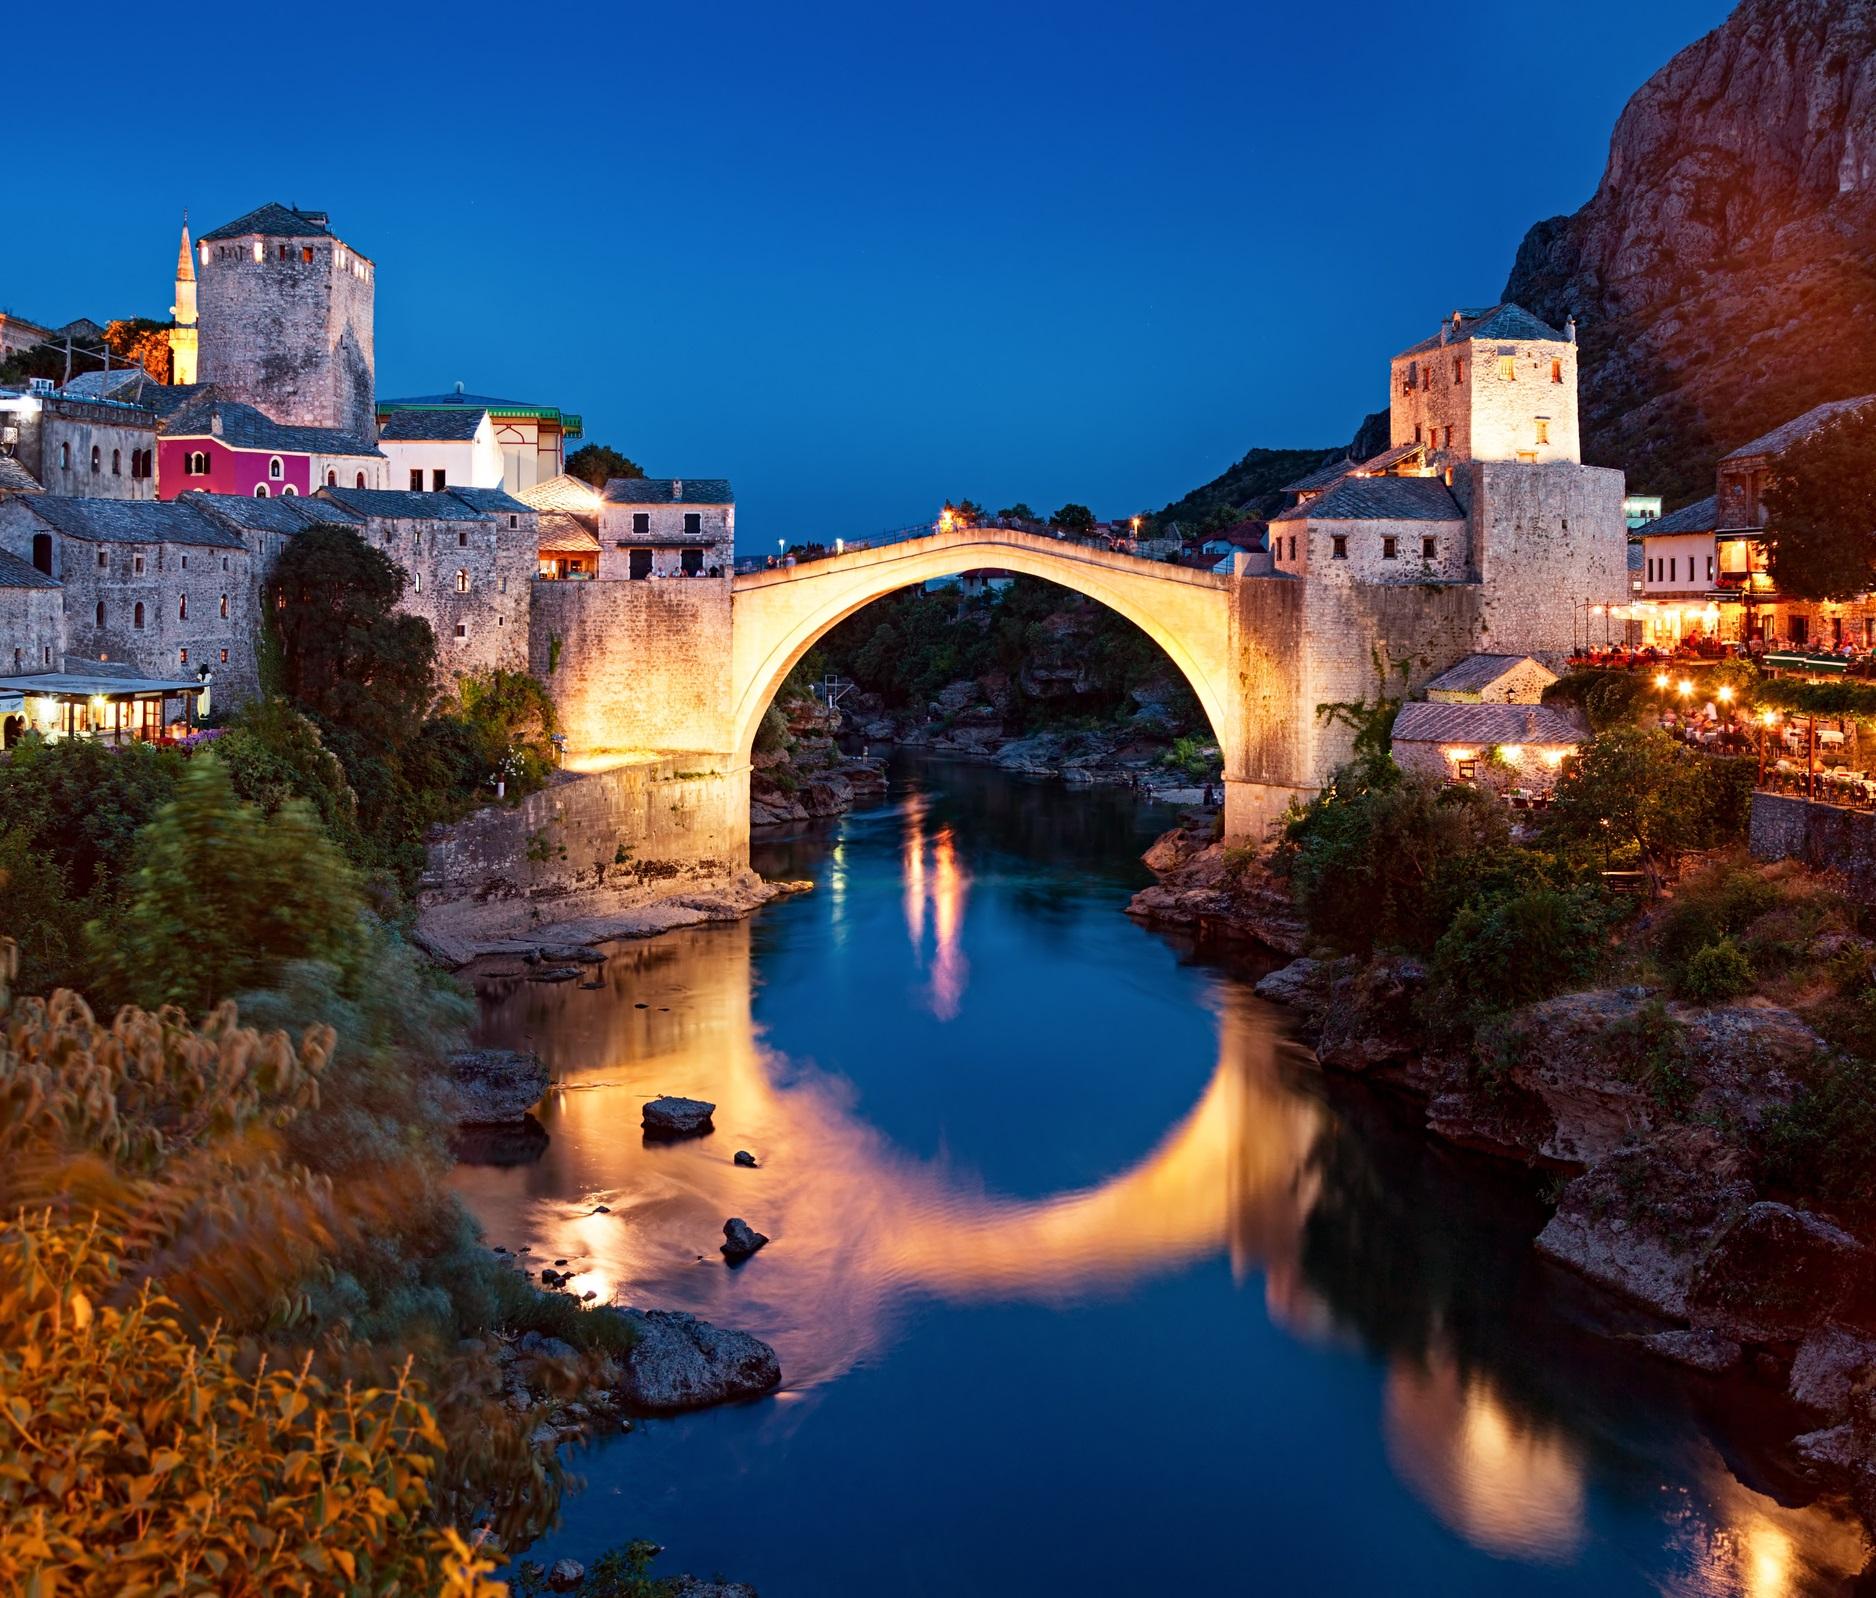 <p><strong>Стари мост (Мостар, Босна)</strong></p>  <p>Стари мост в Мостар пресича река Неретва и всъщност представлява модерна реконструкция, след като оригиналът (завършен през XVI в.) е бил унищожен по време на хърватско-бошняшката война. Историческият град Мостар е обект на световното наследство на ЮНЕСКО.</p>